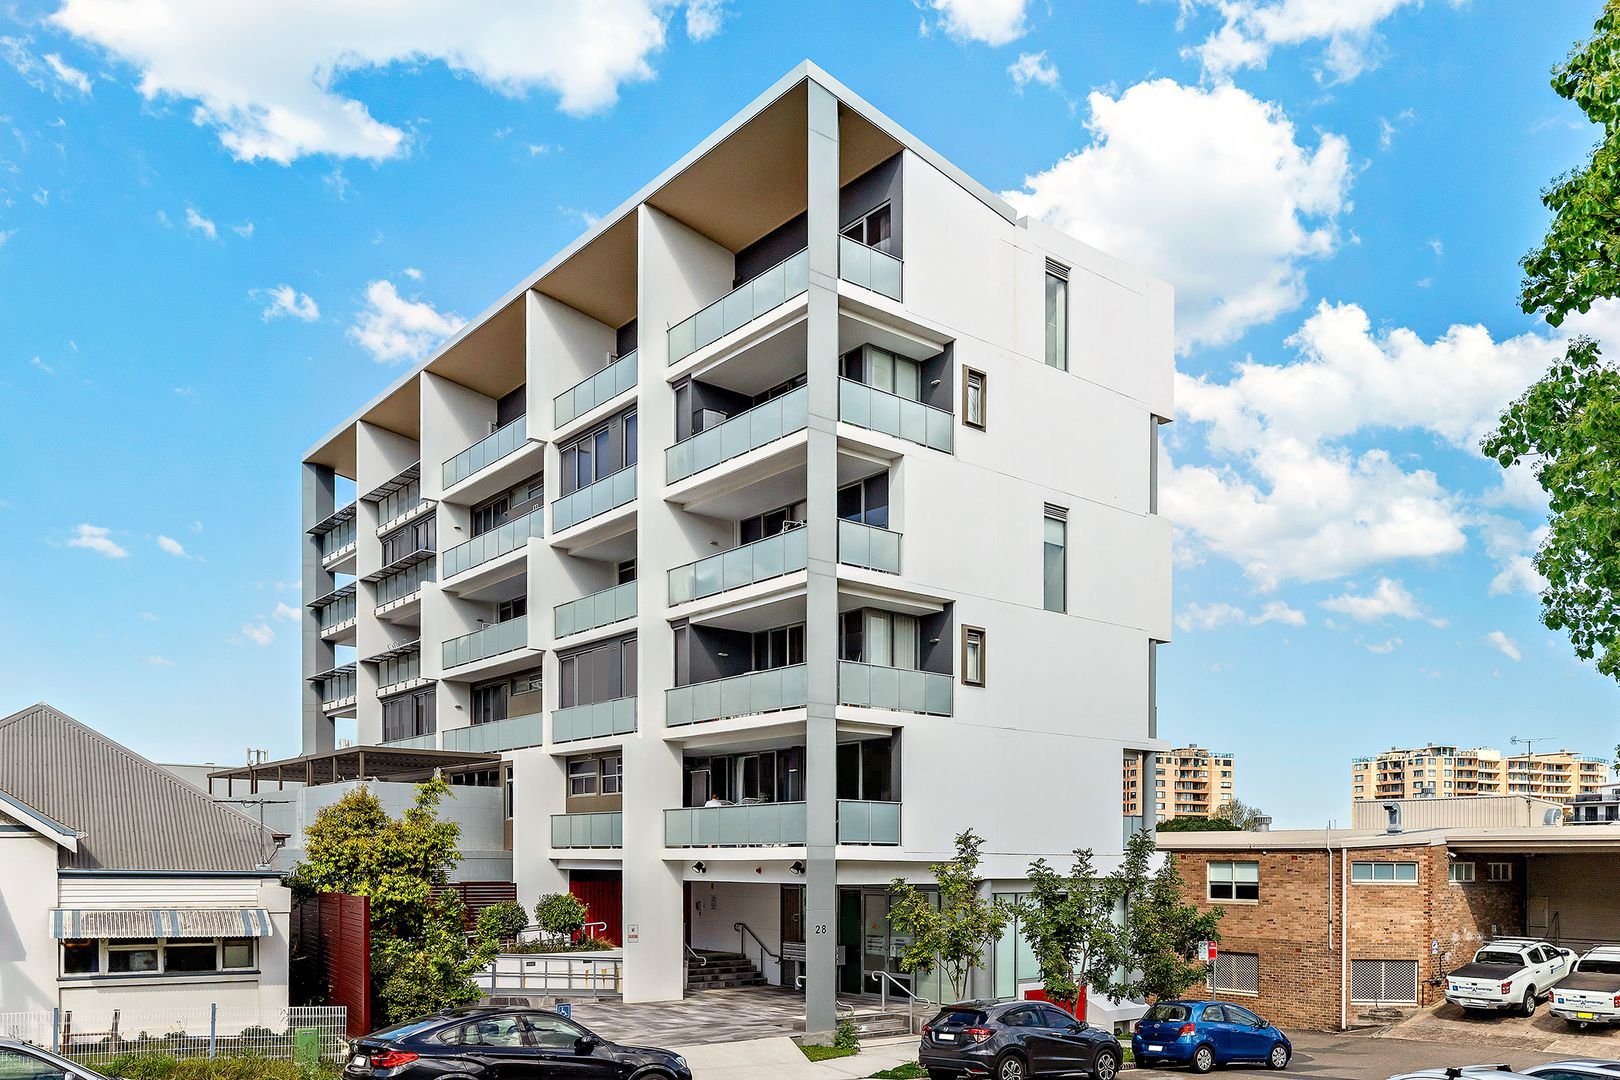 202/28-30 Keats  Avenue, Rockdale NSW 2216, Image 0